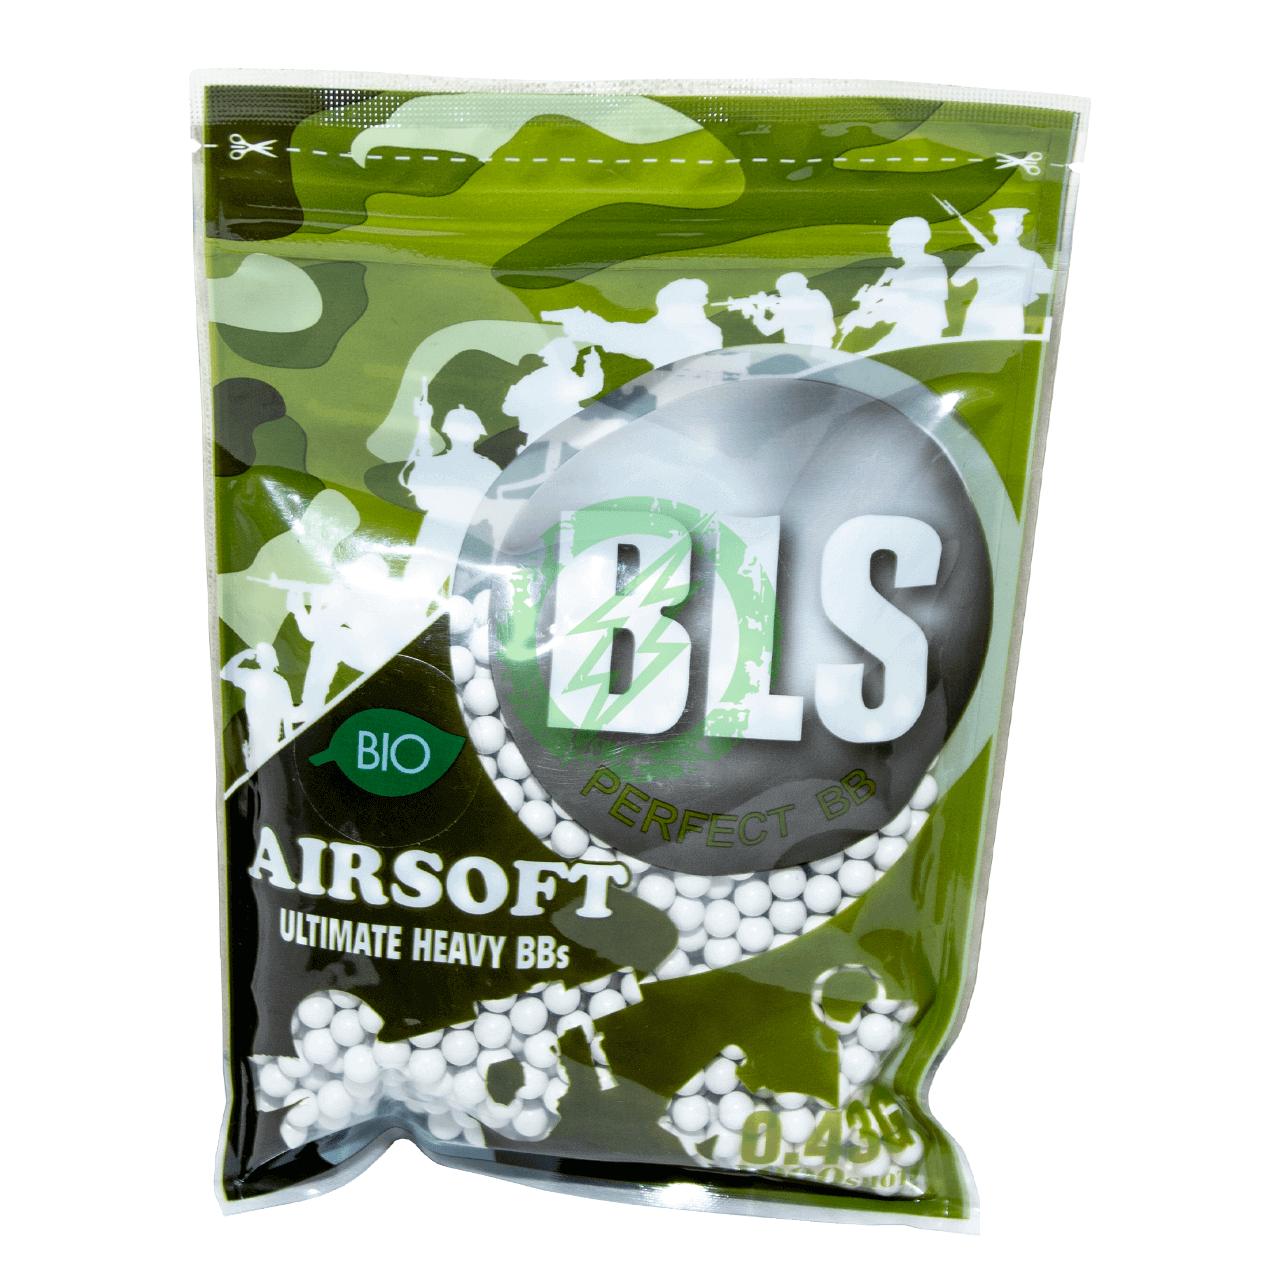 BLS Perfect High Precision Bio BBs | .25g through .45g